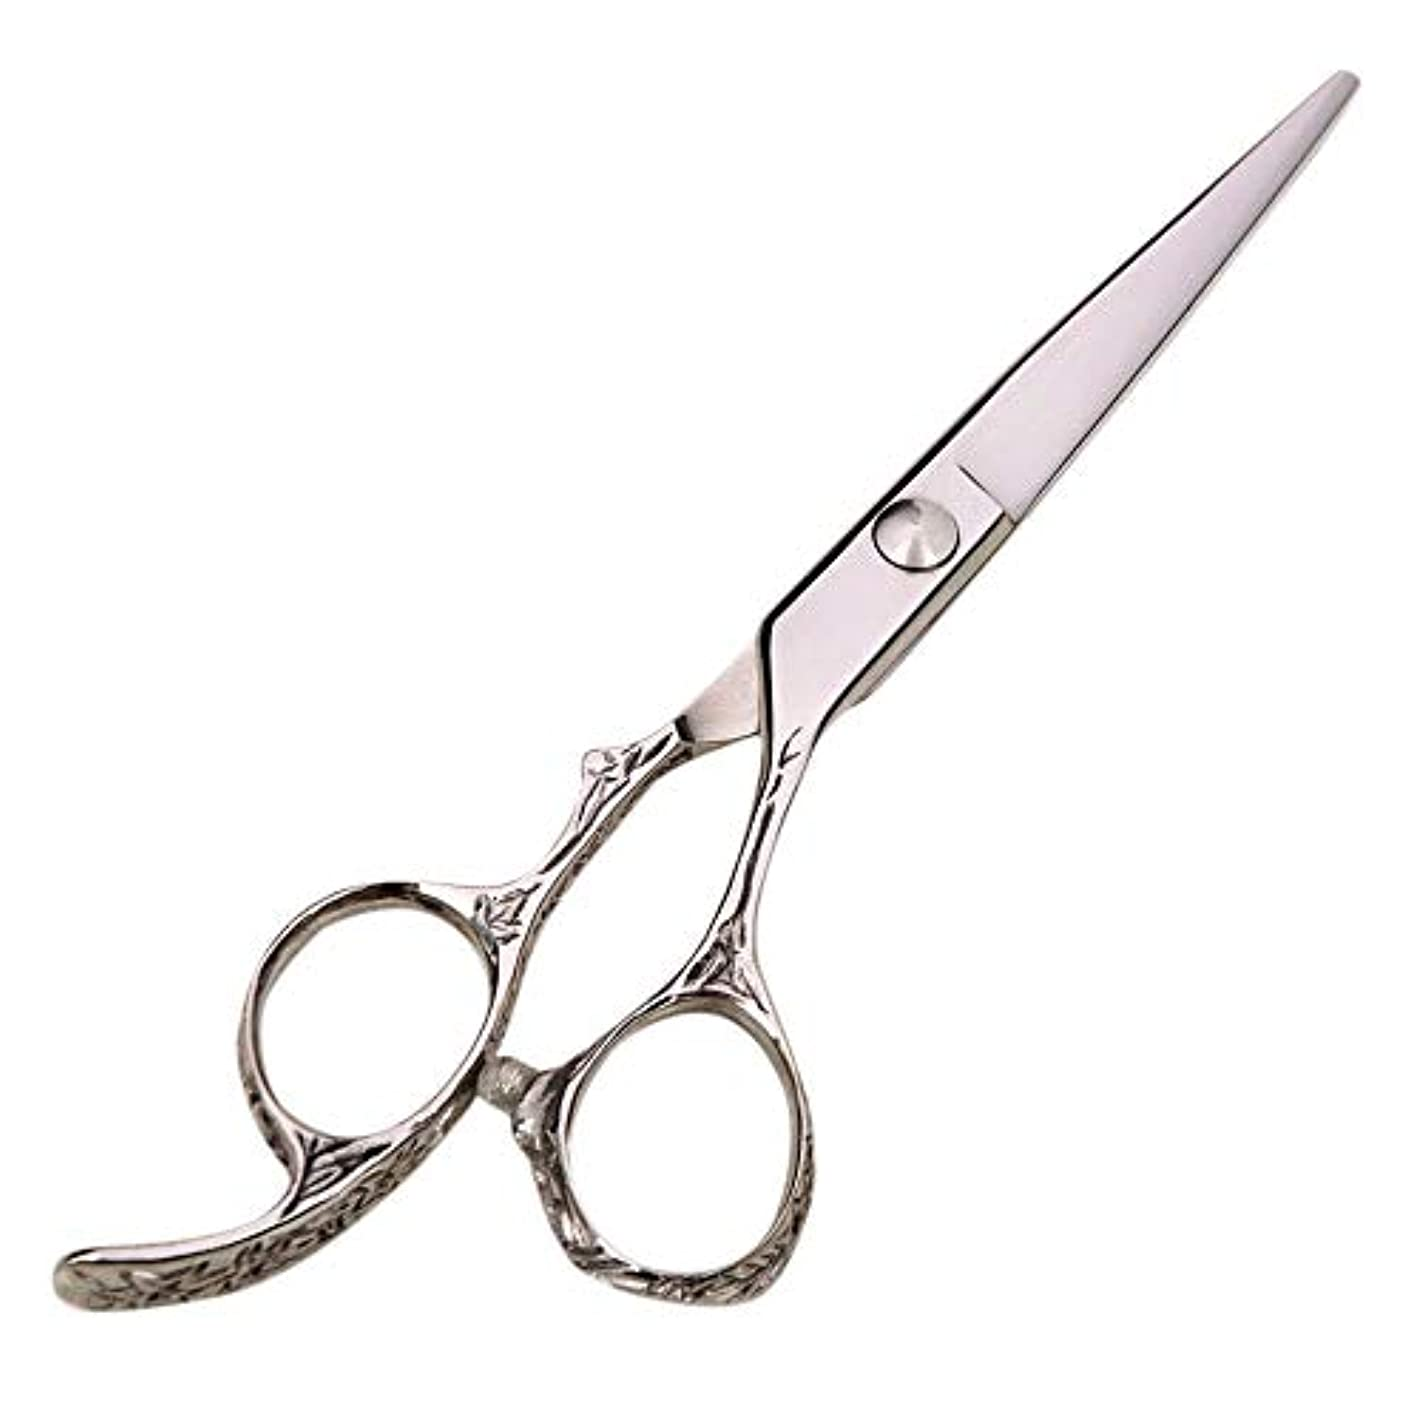 マルコポーロペインつかの間6インチハイエンドプロフェッショナル理髪はさみ、美容院理髪ツール ヘアケア (色 : Silver)